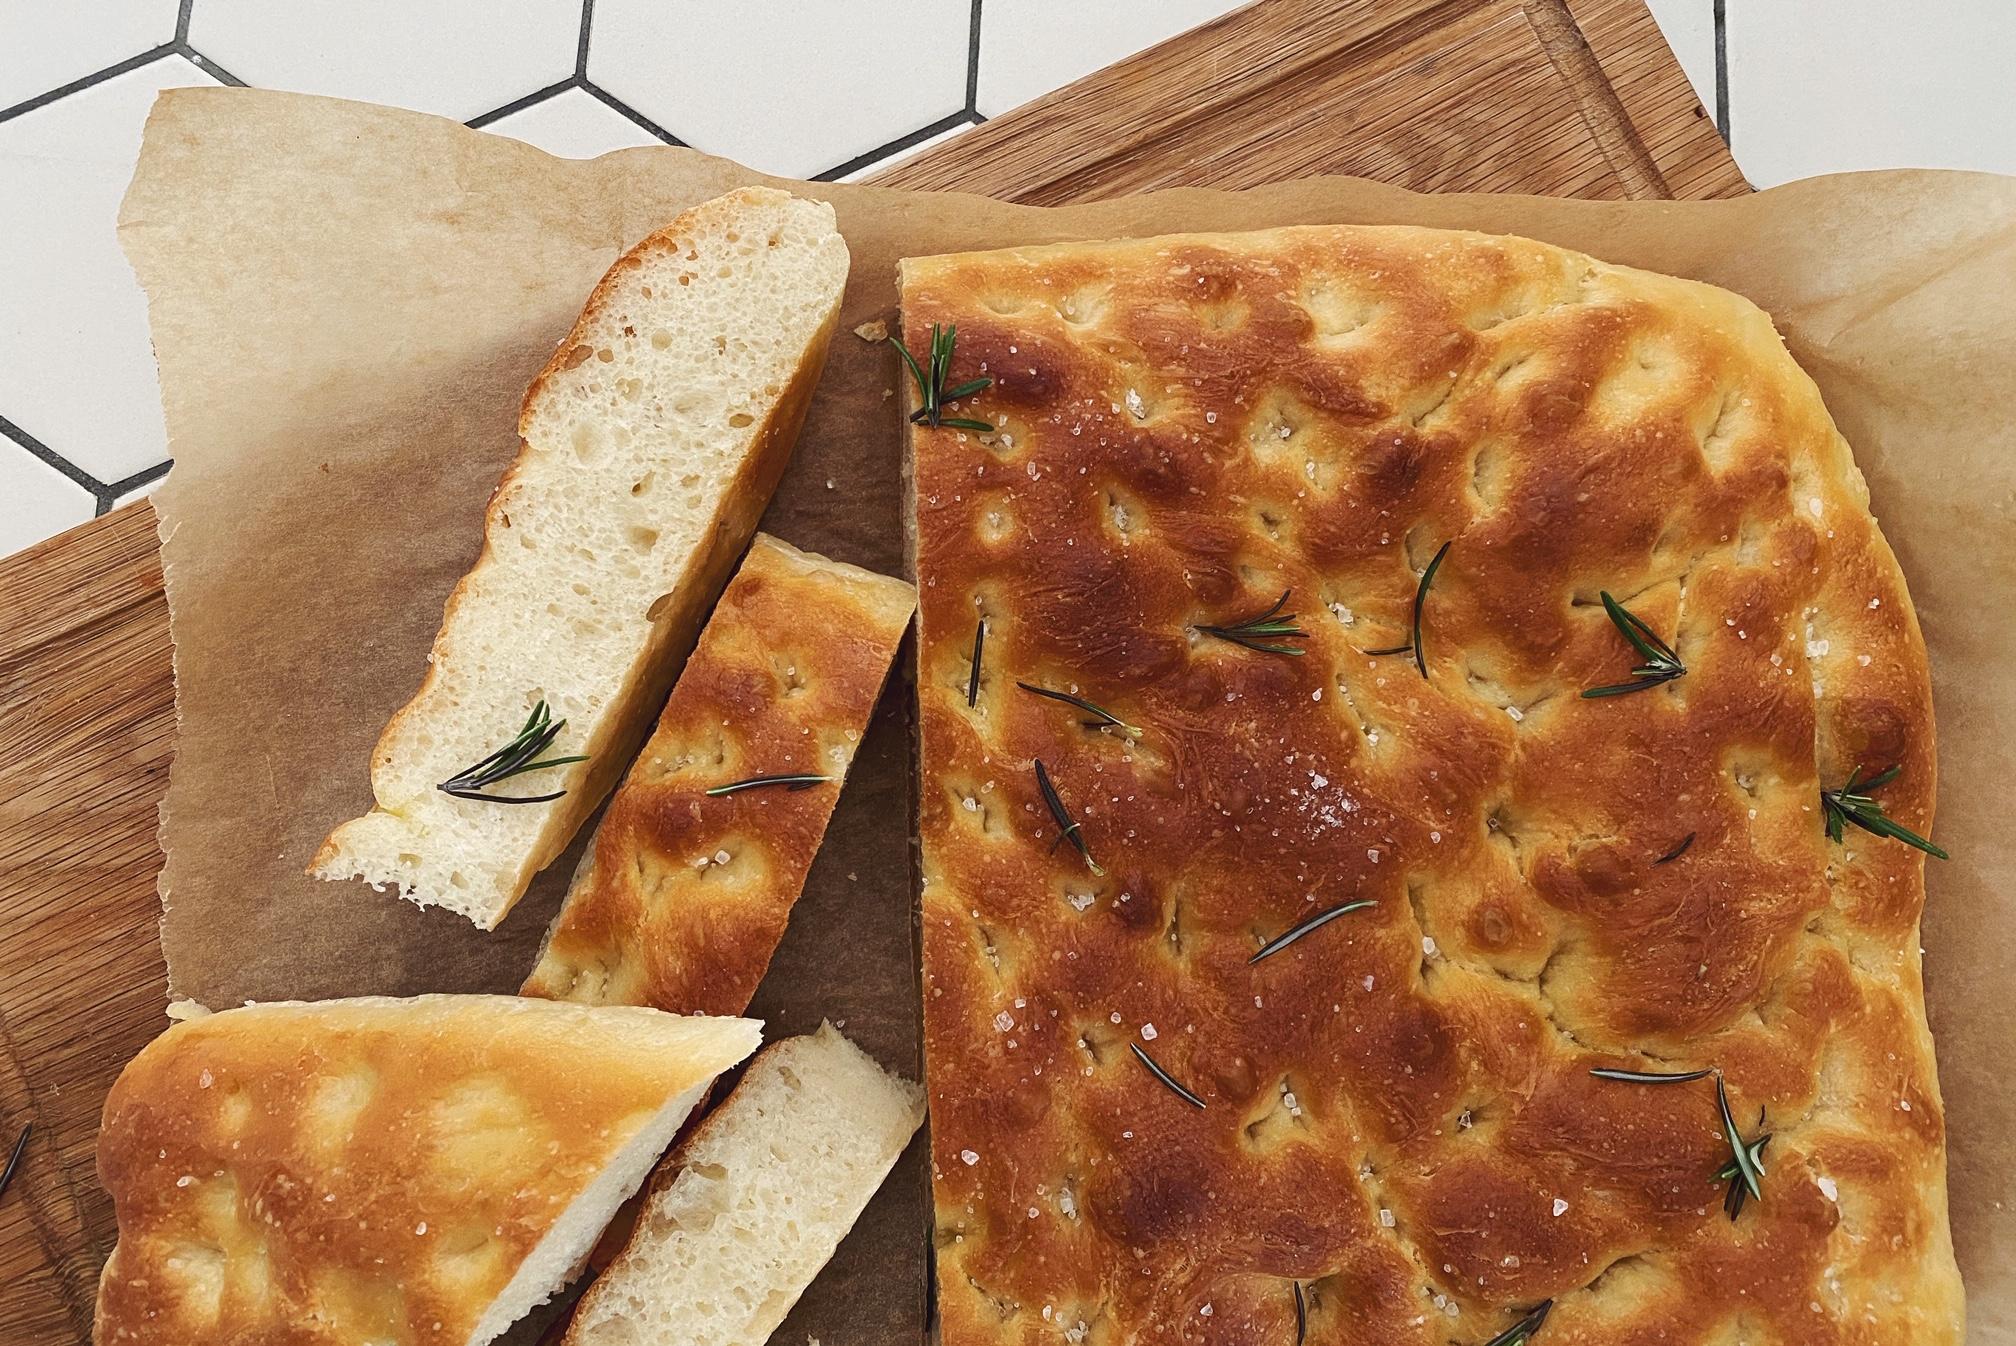 Köstliche Focaccia - mein wandelbares Grundrezept